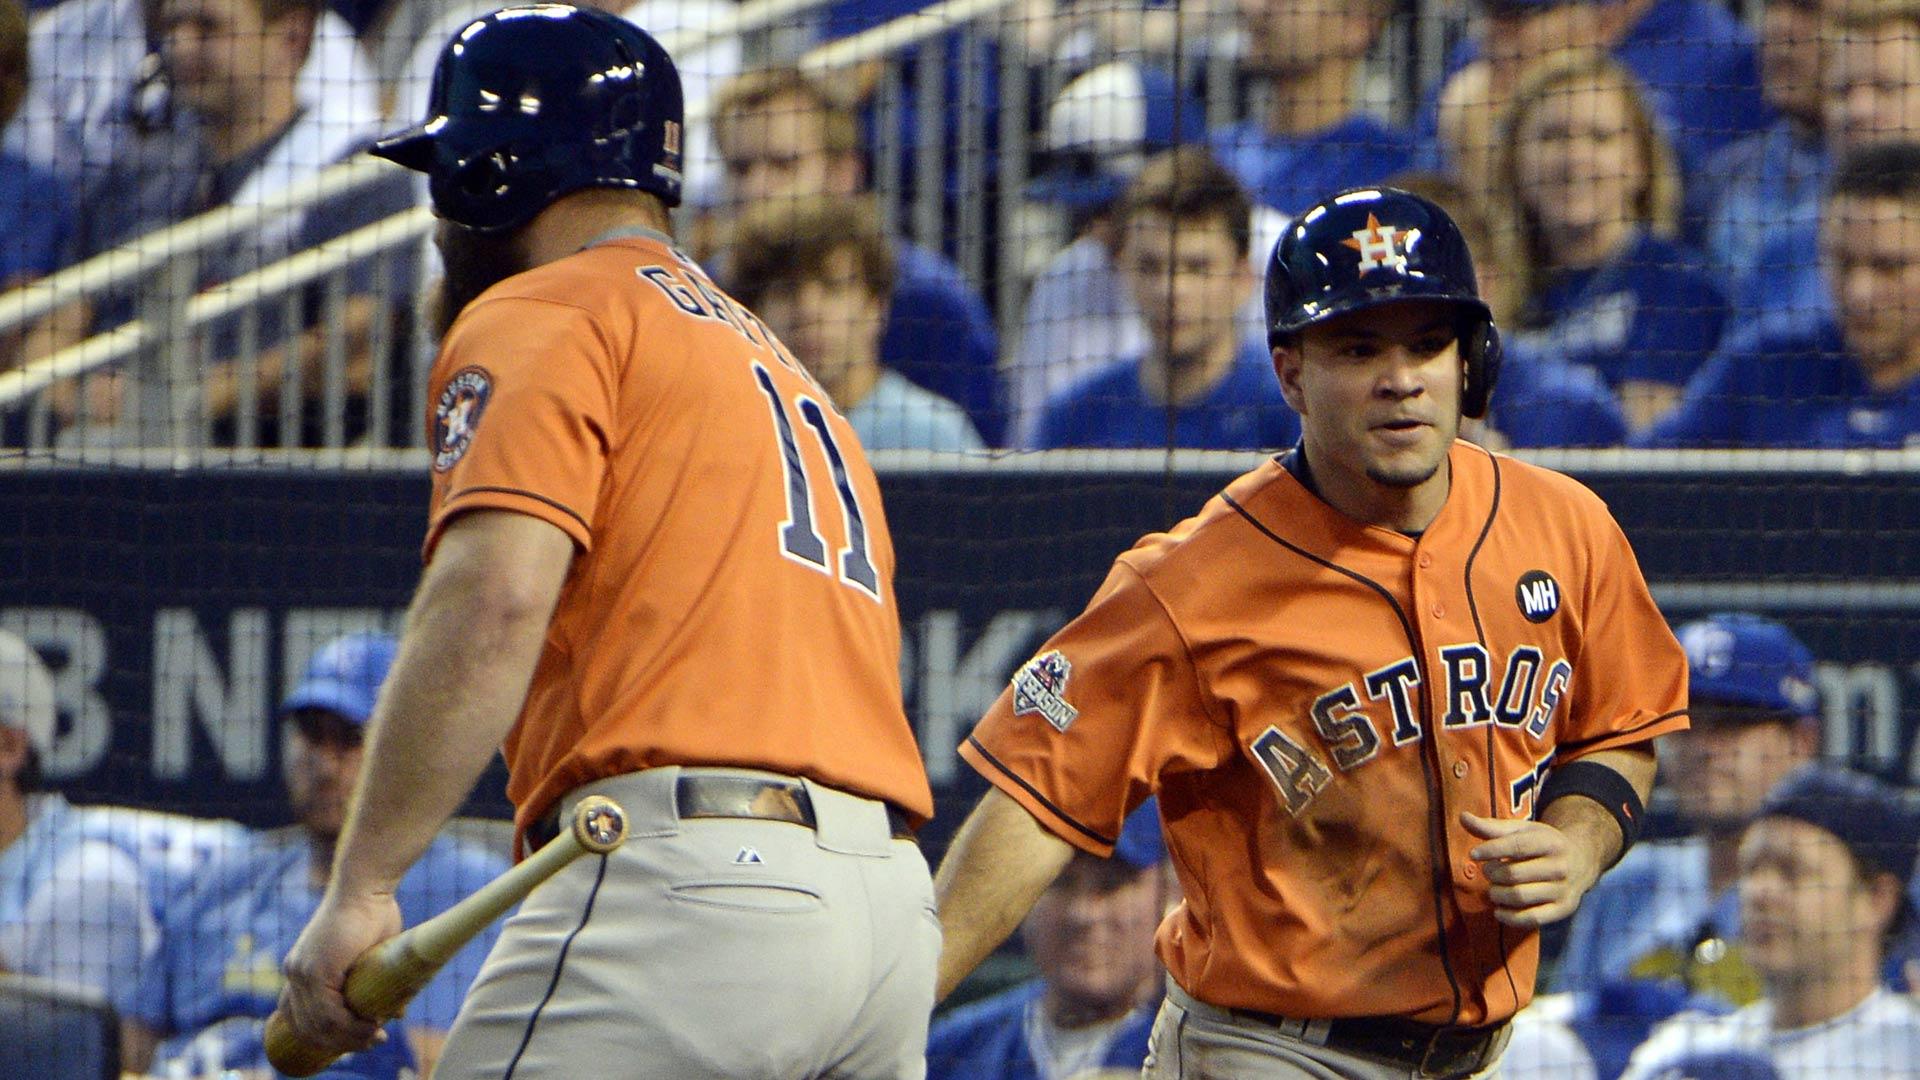 Los Astros de Houston dominaron a los Reales de Kansas City, con bateo oportuno y una defensa impenetrable